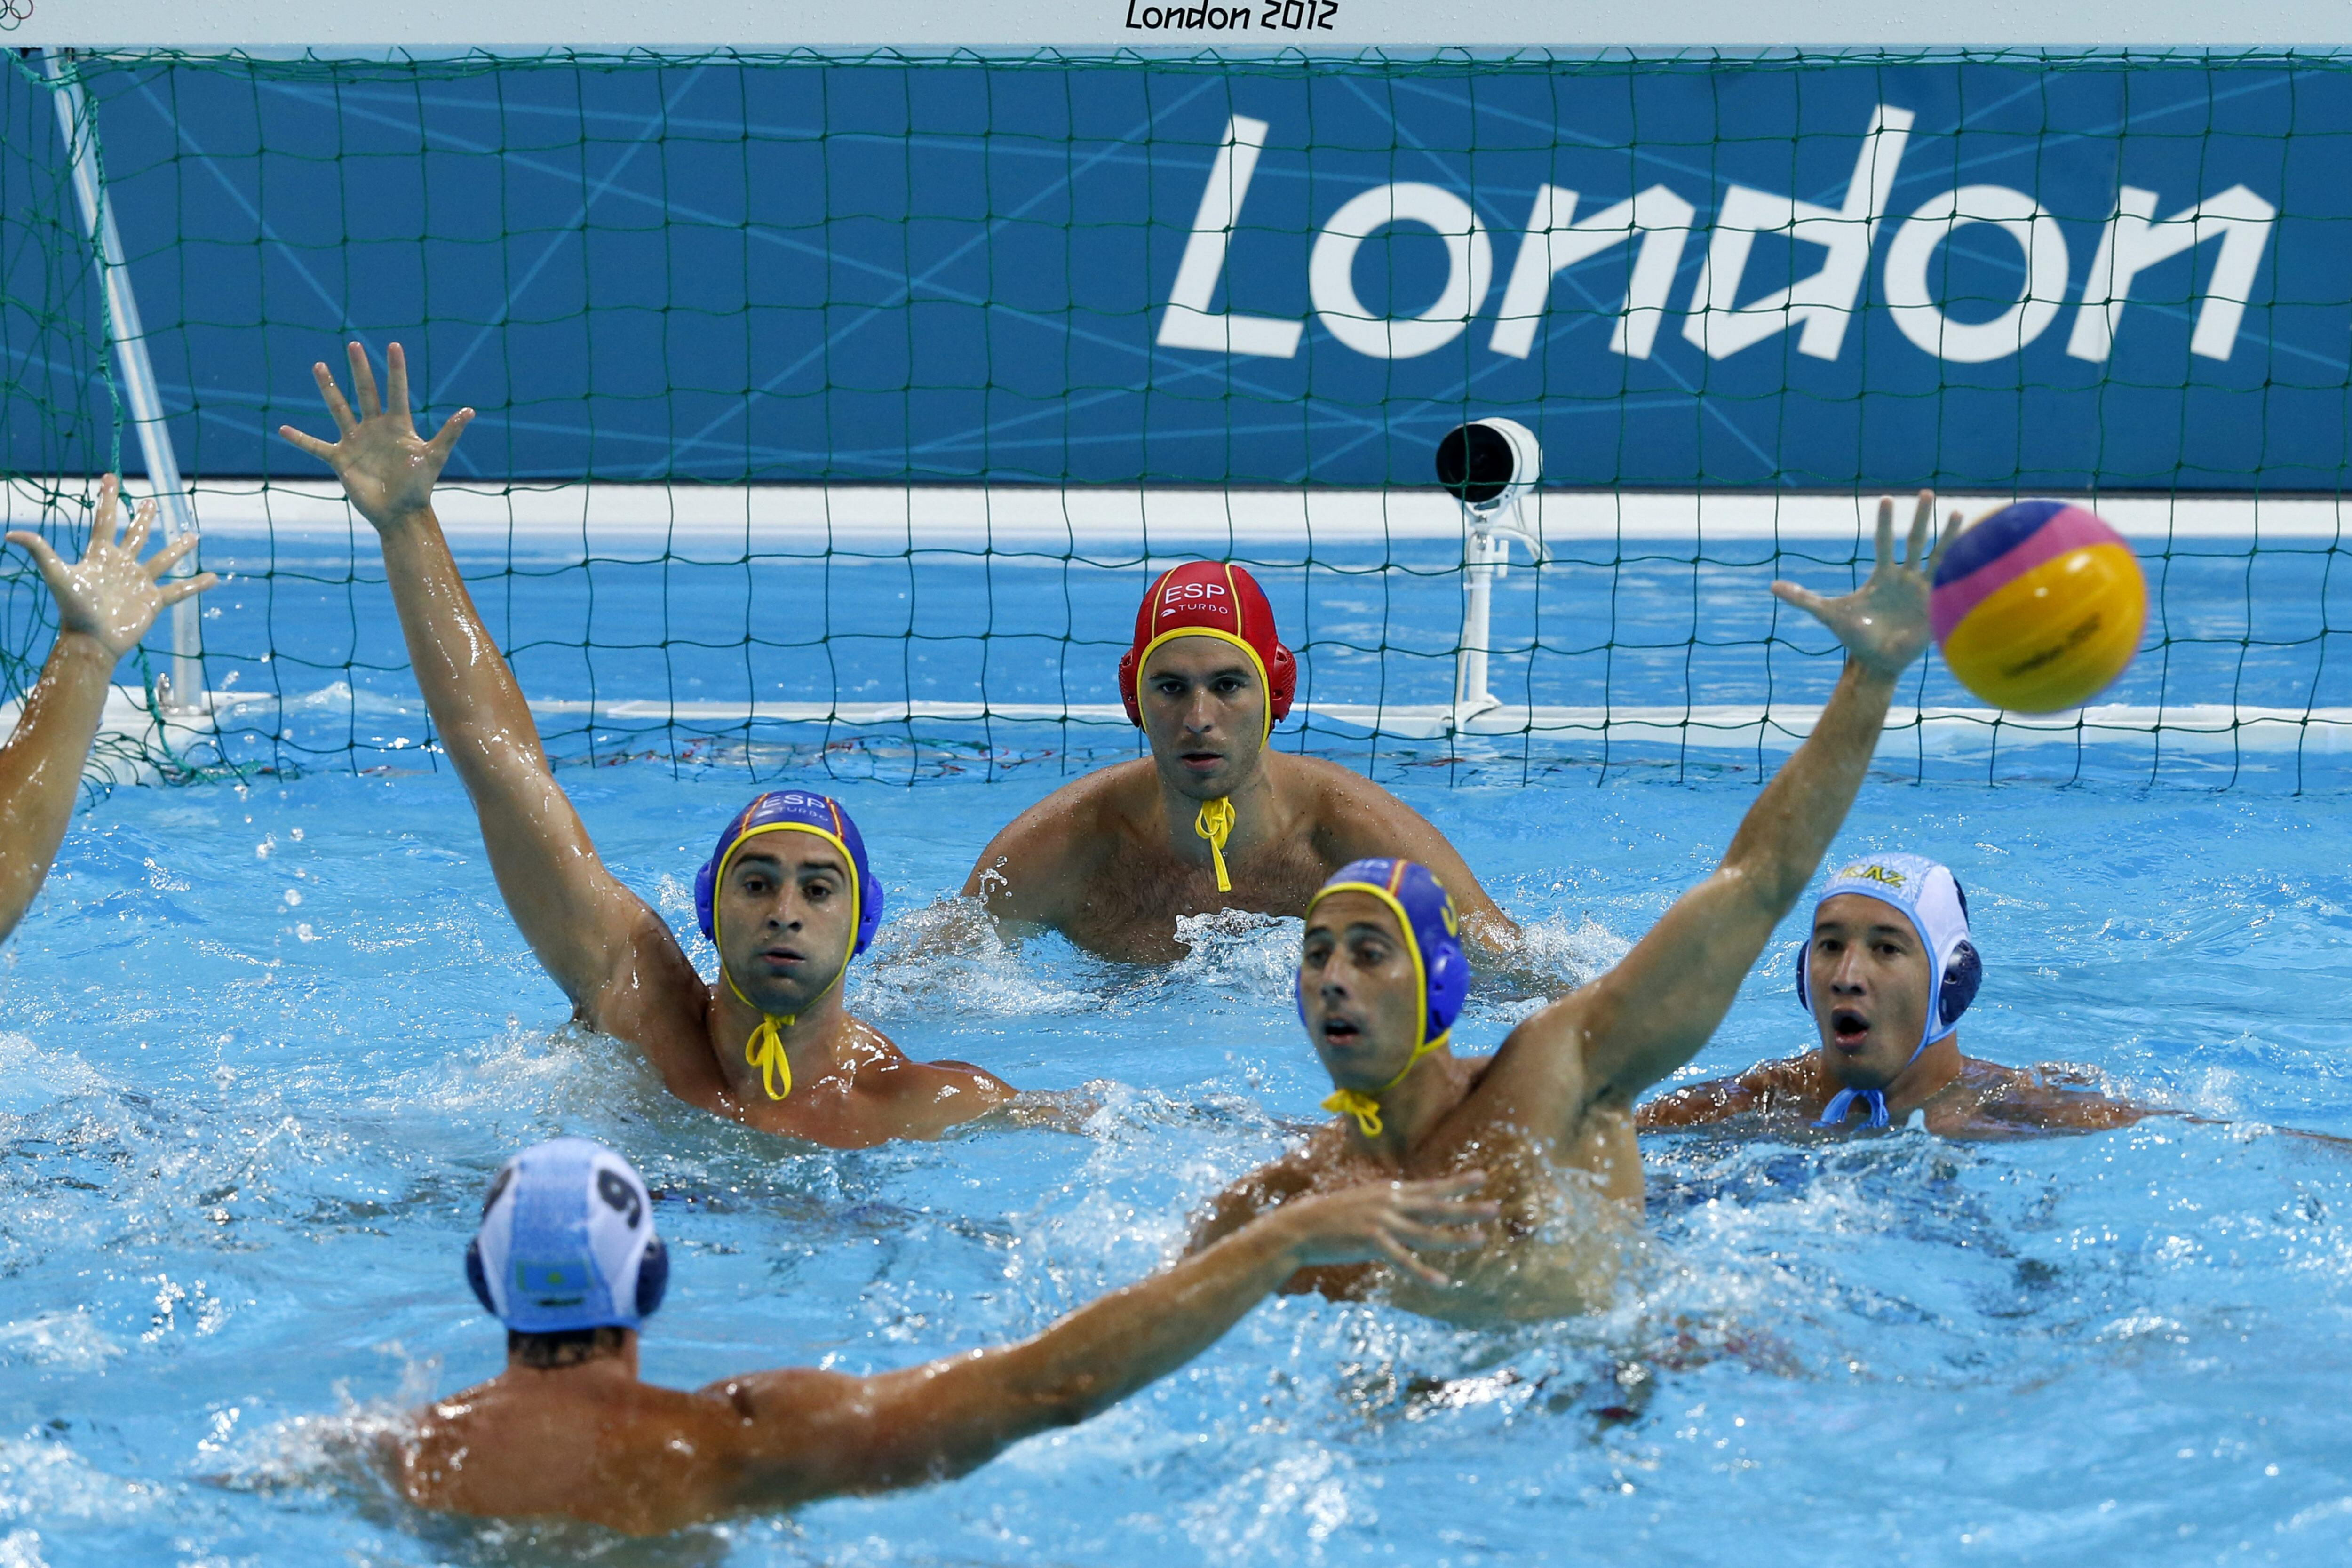 España se enfrentará a la selección de Croacia en el segundo partido de grupo en estos juegos olímpicos de Londres 2012.